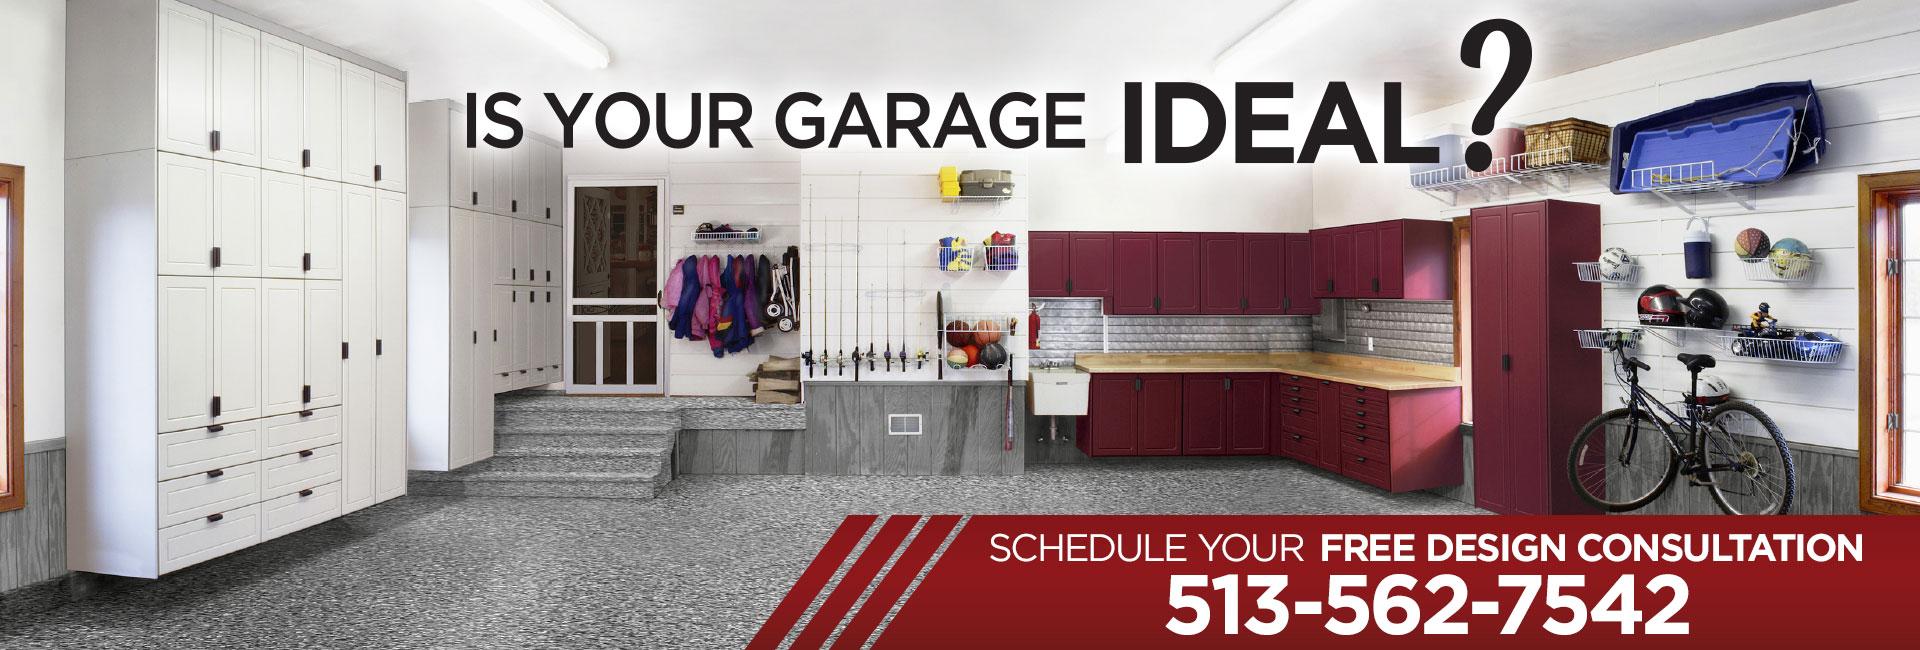 Garage Storage Cabinets Ideal Garage Solutions